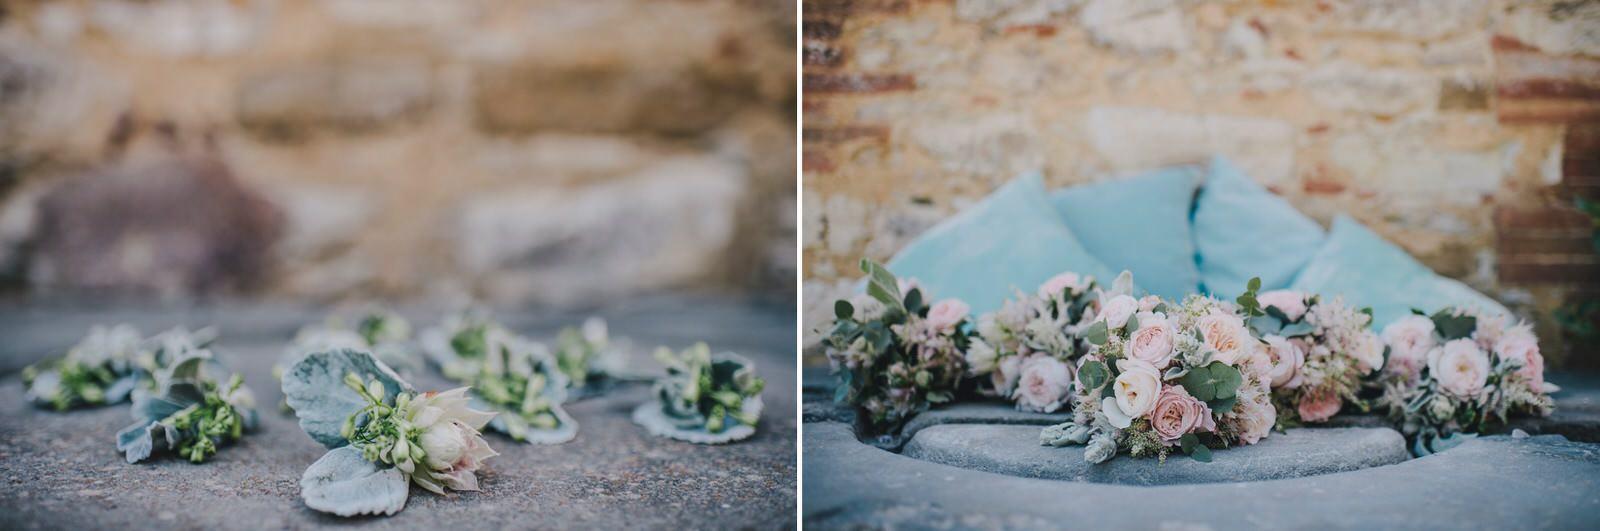 tuscany wedding collage wedding details